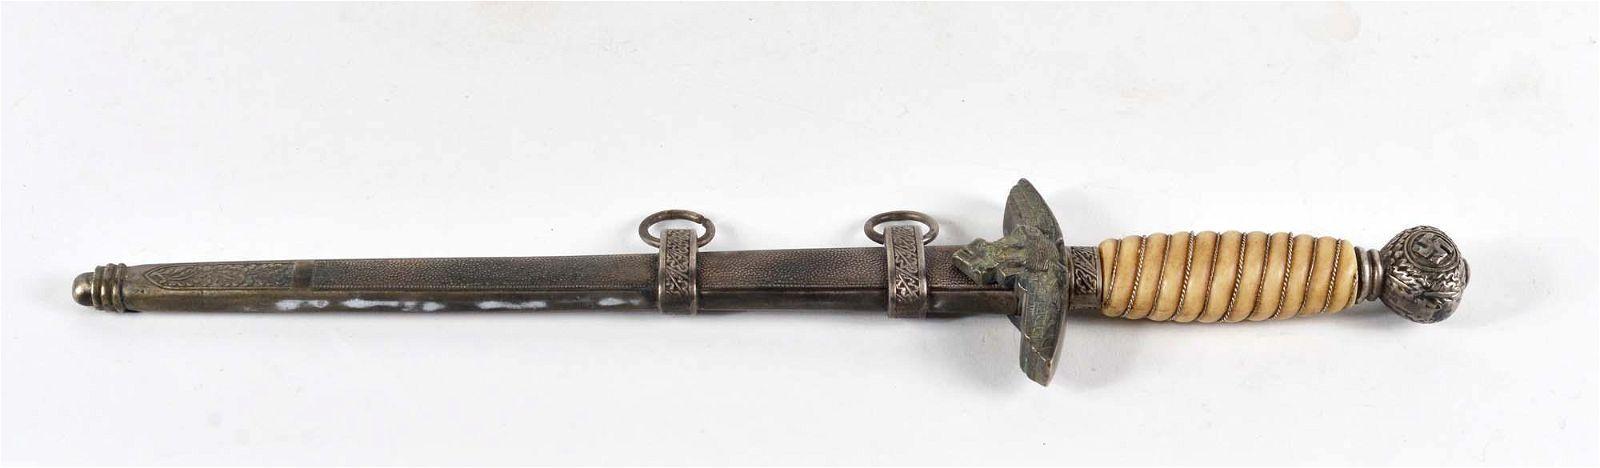 World War II officer's dagger reproduction